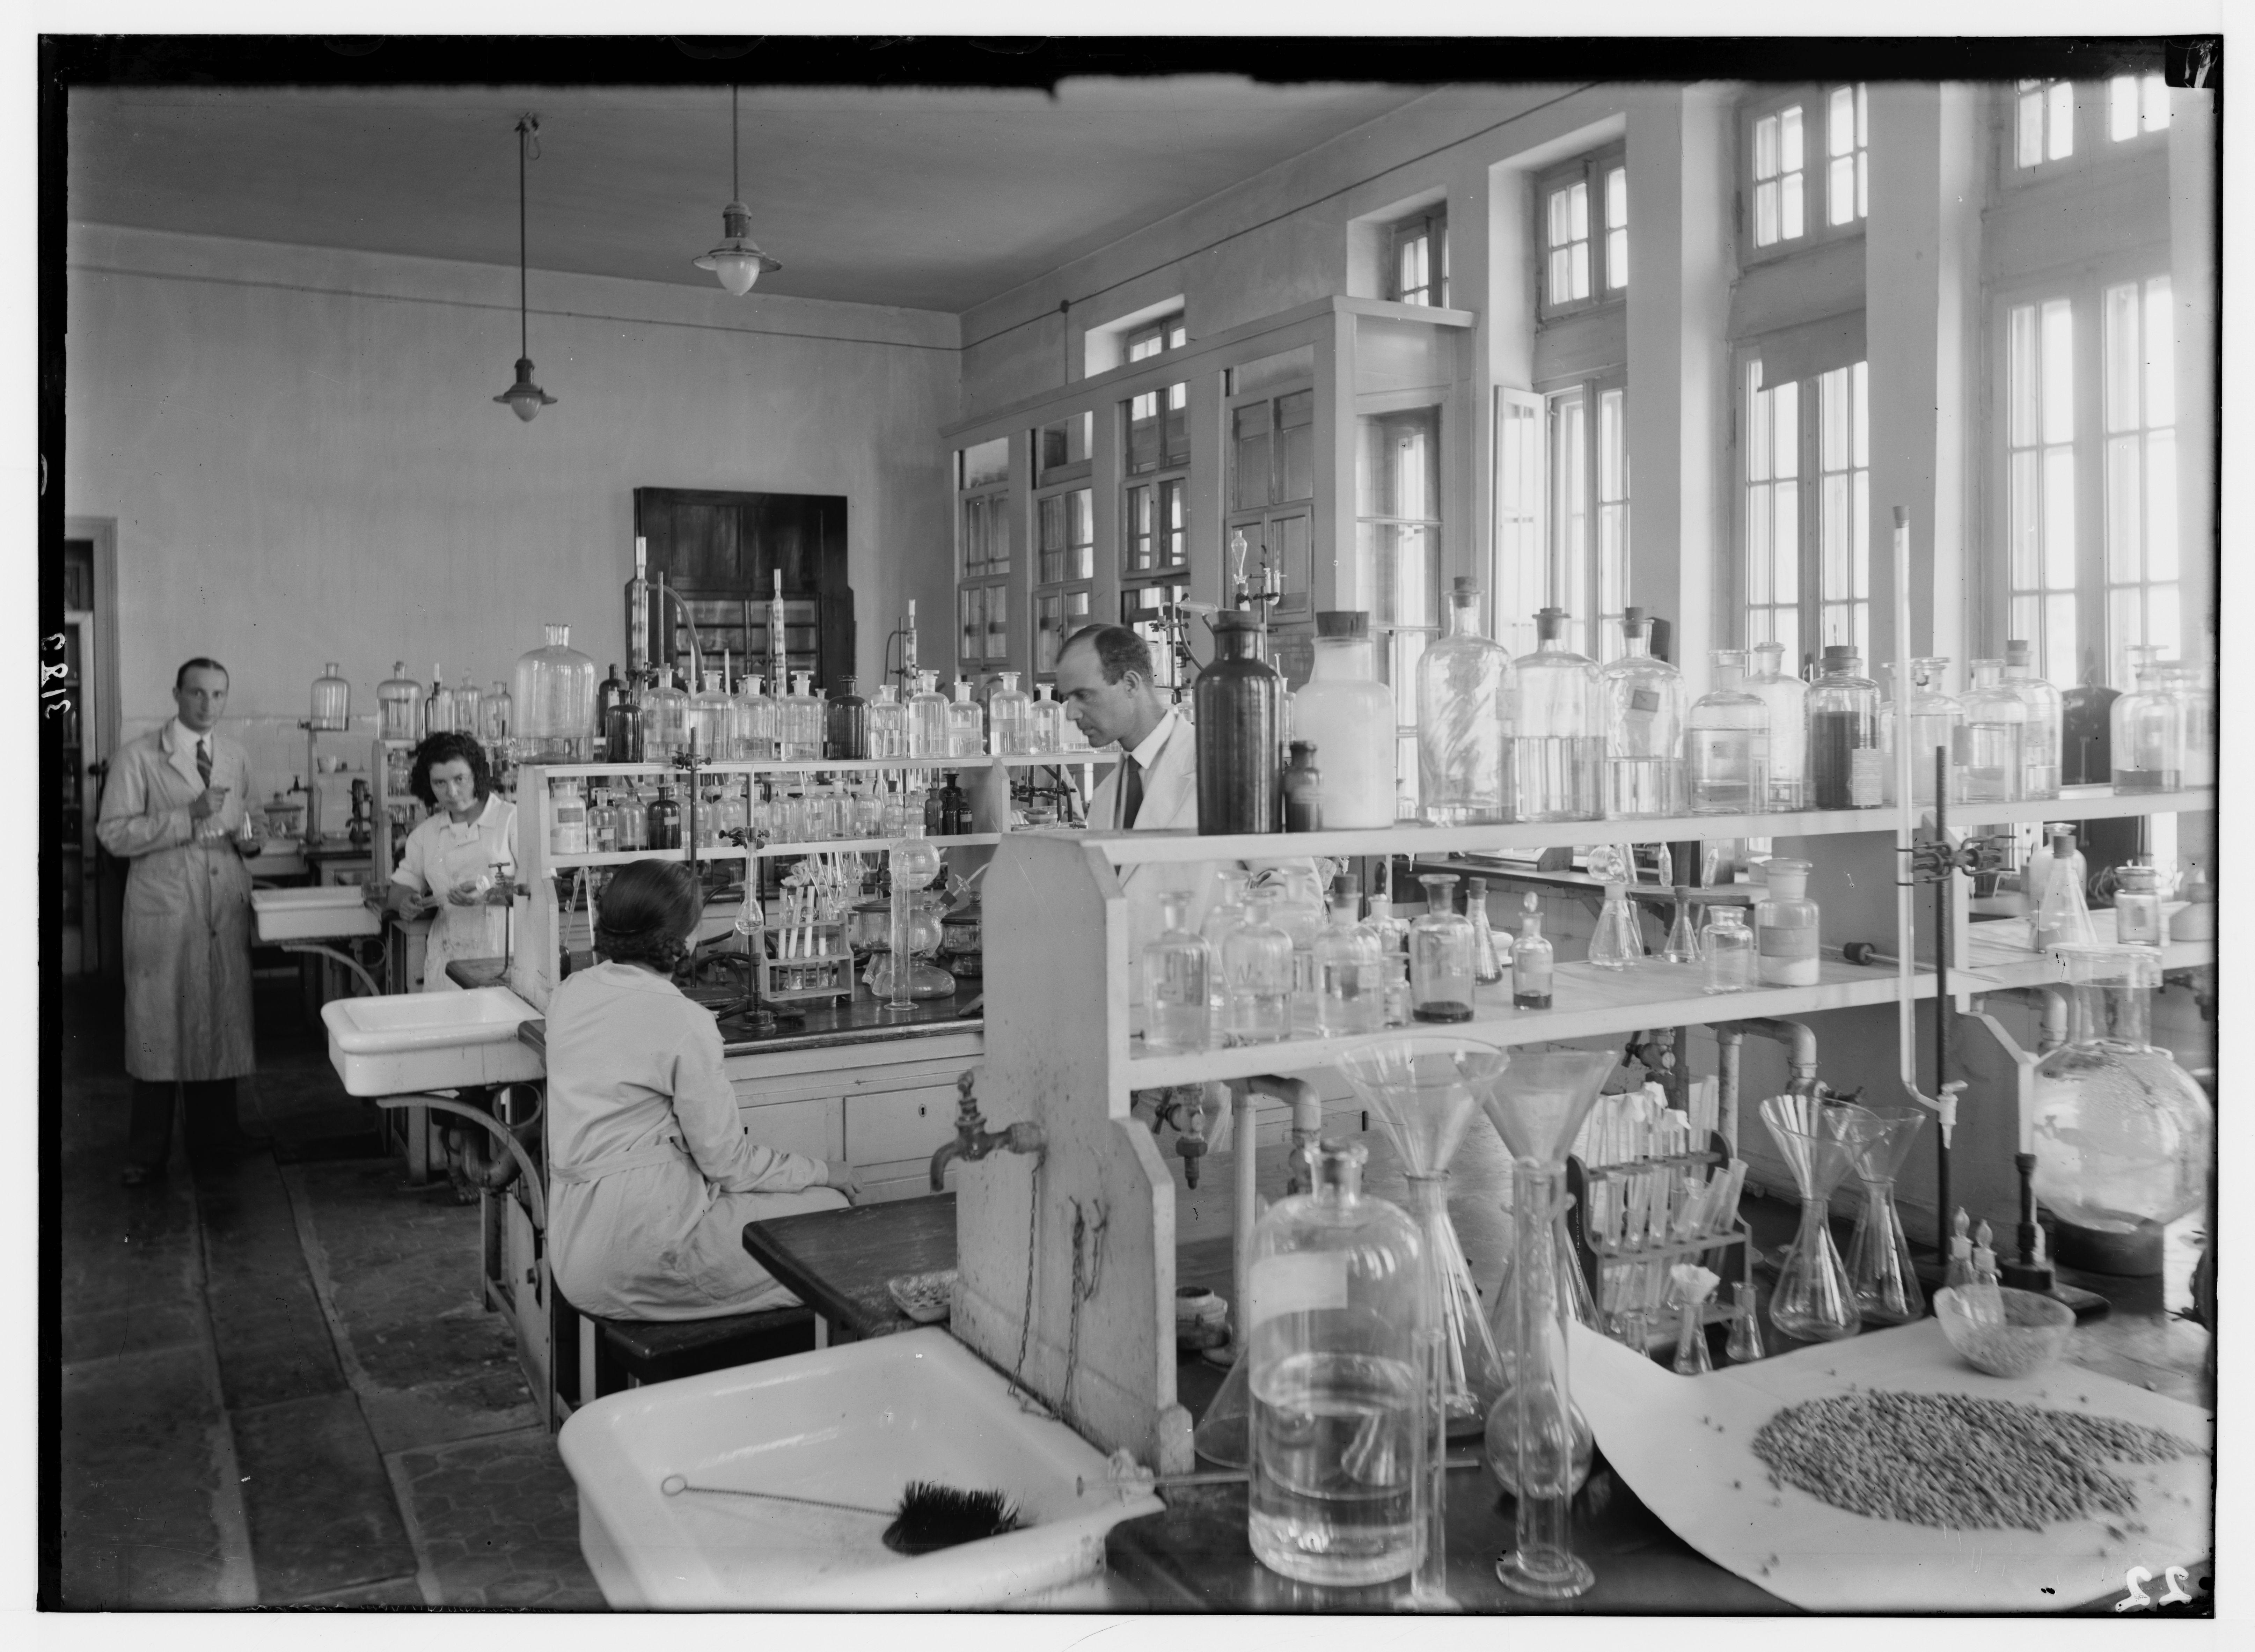 1936. Еврейский университет. Лаборатория химии